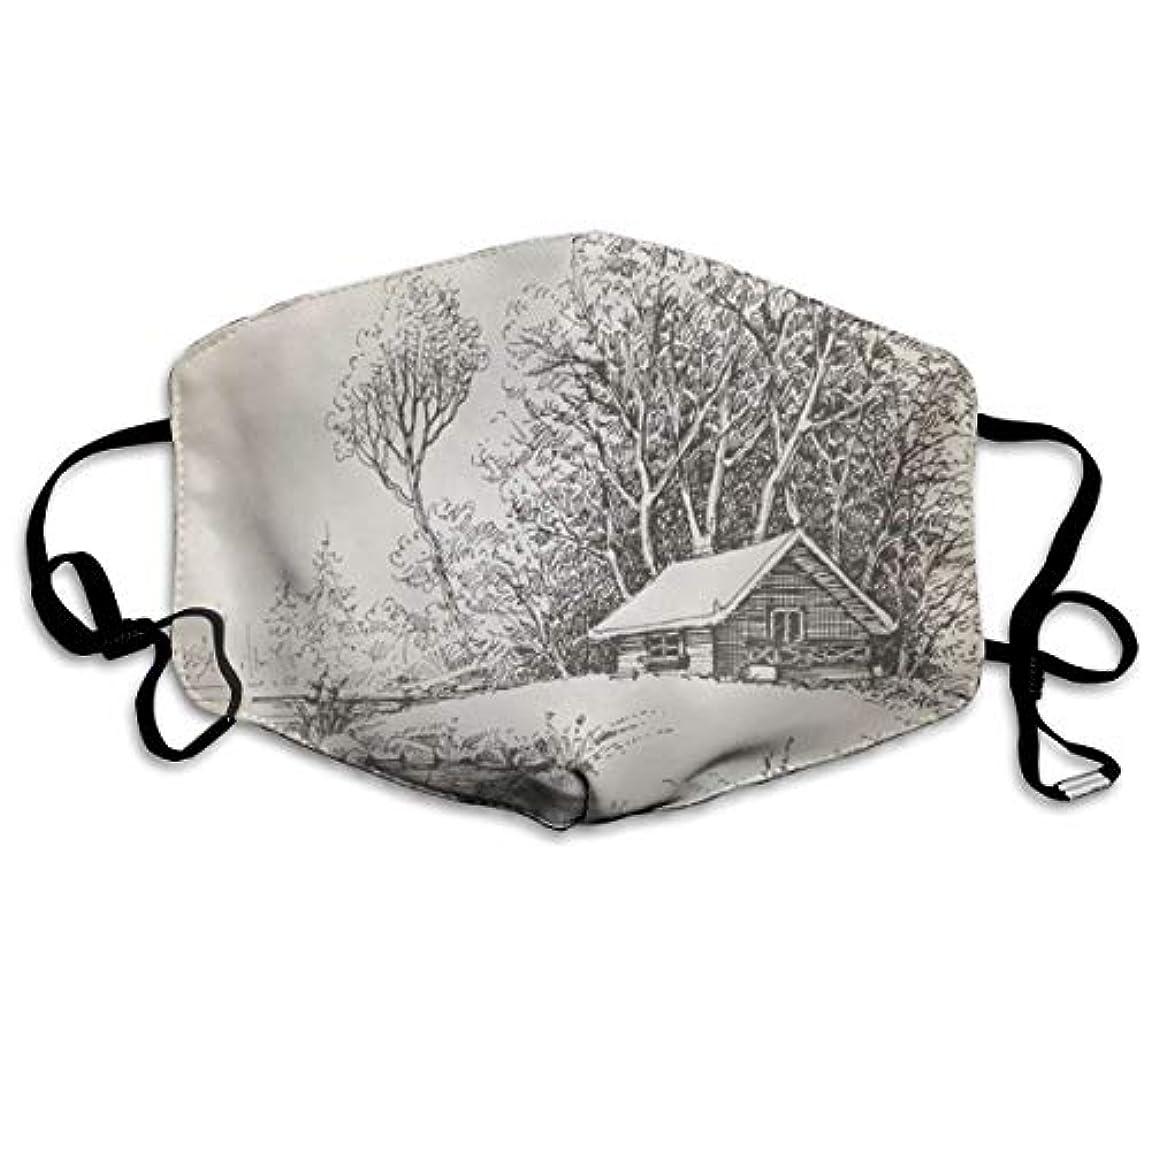 火山の傾くディスパッチウッズの近くの川の銀行のハンドドローイング再利用可能な綿の口のマスクのキャビン、レディースメンズキッズのためのファッションアンチダストフェイスマスク